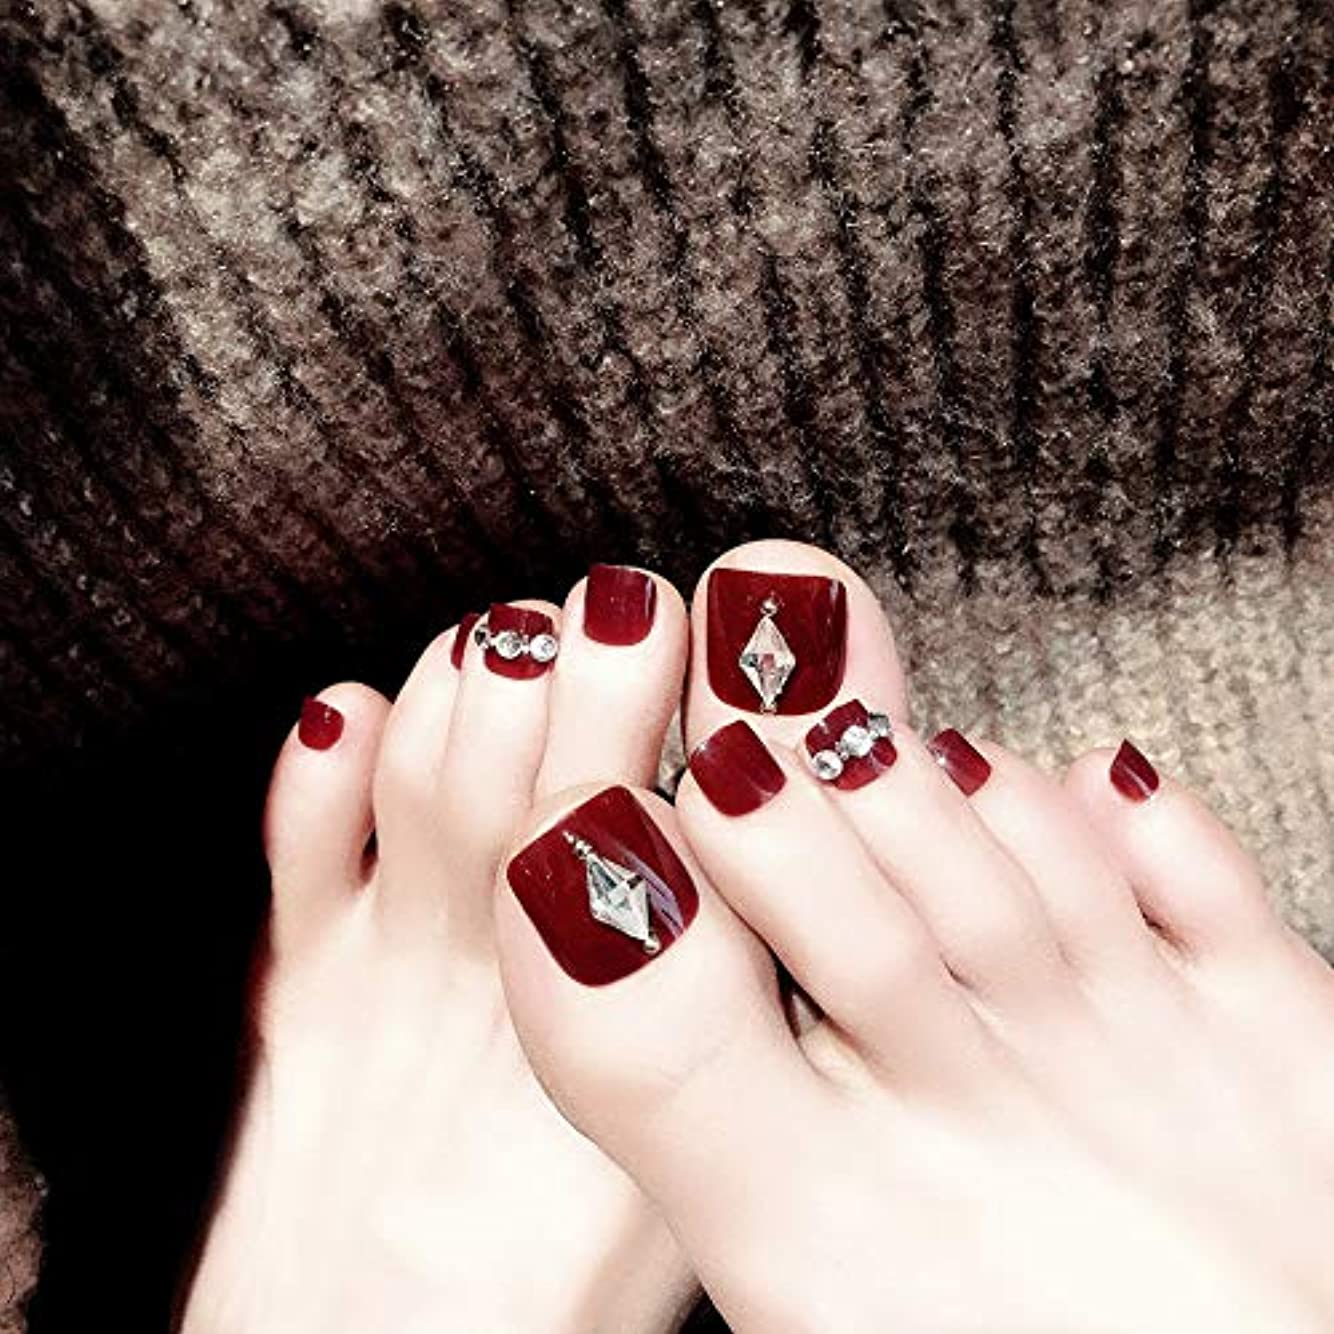 パステルバーベキュー支払いXUTXZKA 24ピース赤ワインつま先偽爪付き人工ダイヤモンドファッションつま先偽爪のための結婚式や毎日のステッカー